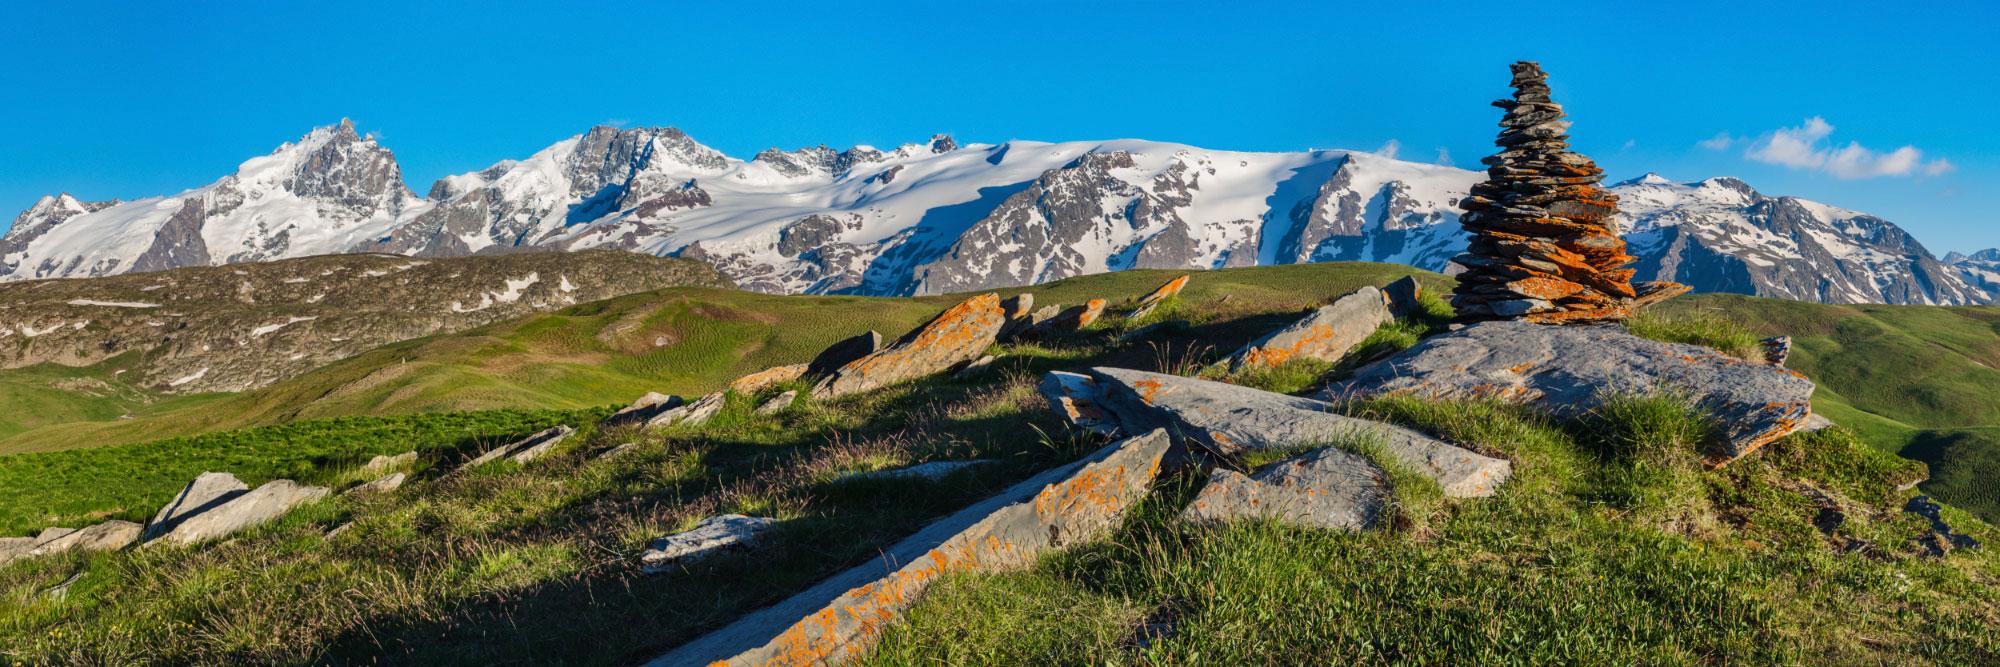 La Meije (Ecrins) vu du plateau d'Emparis